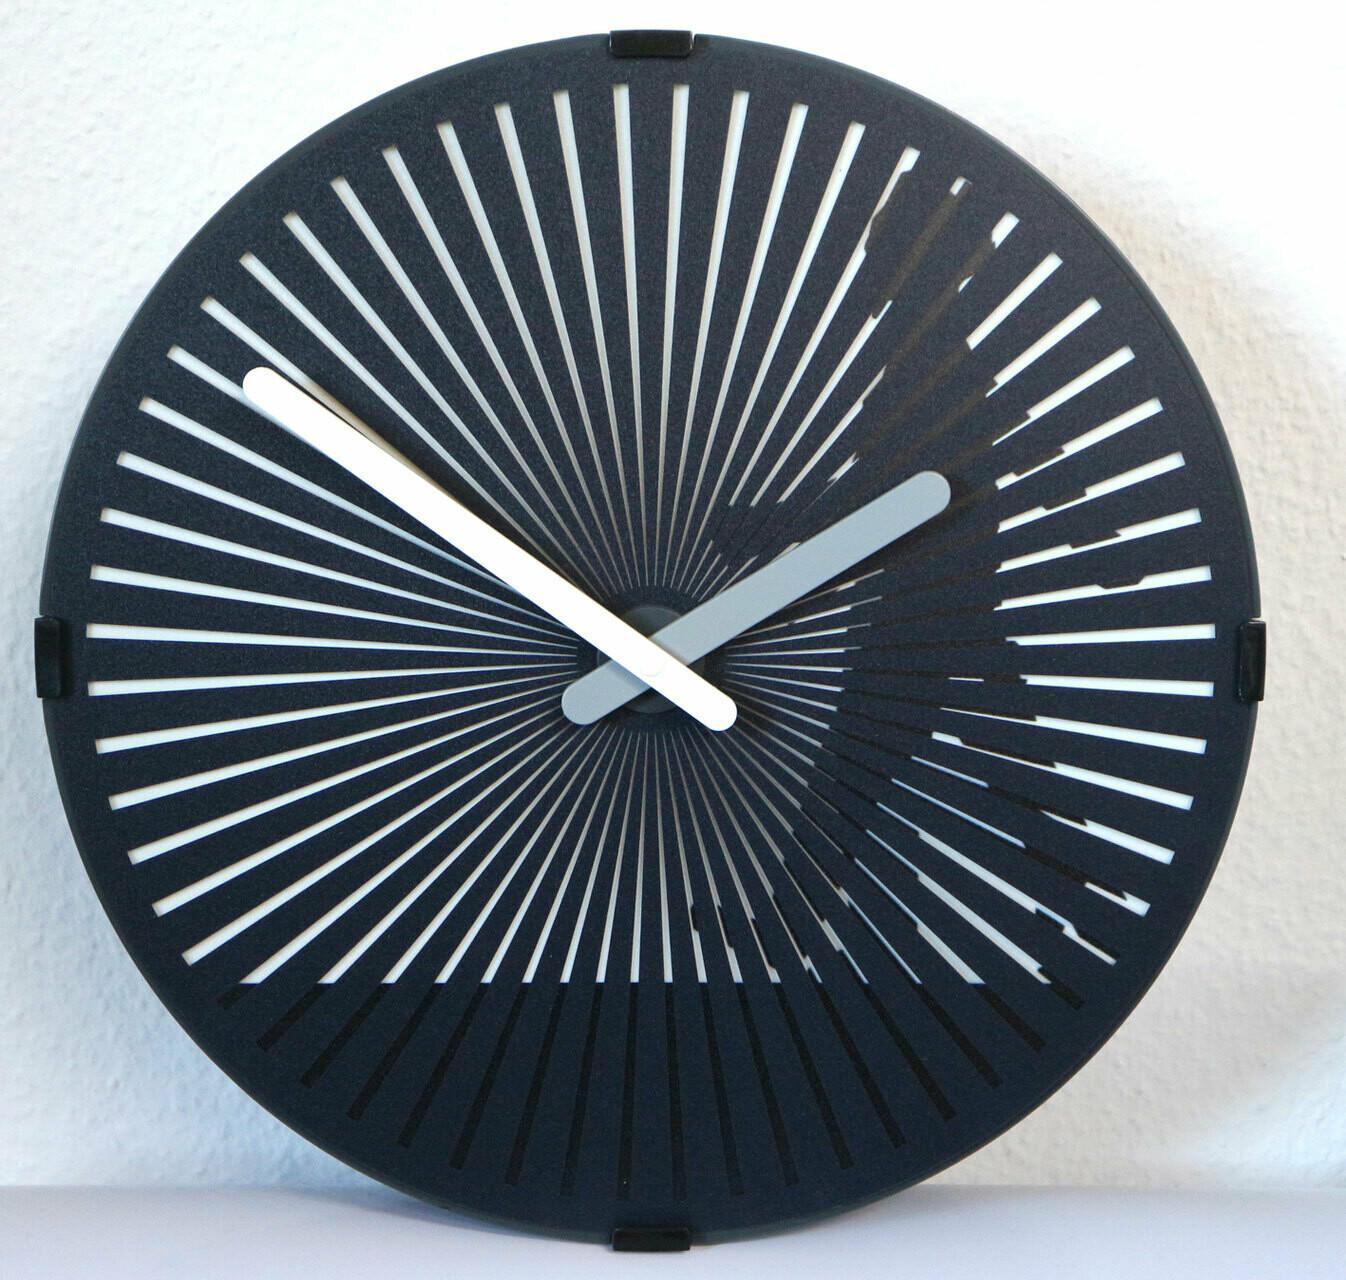 Quartz-Uhr Fussgänger - rotierende Scheibe mit optischem Laufeffekt